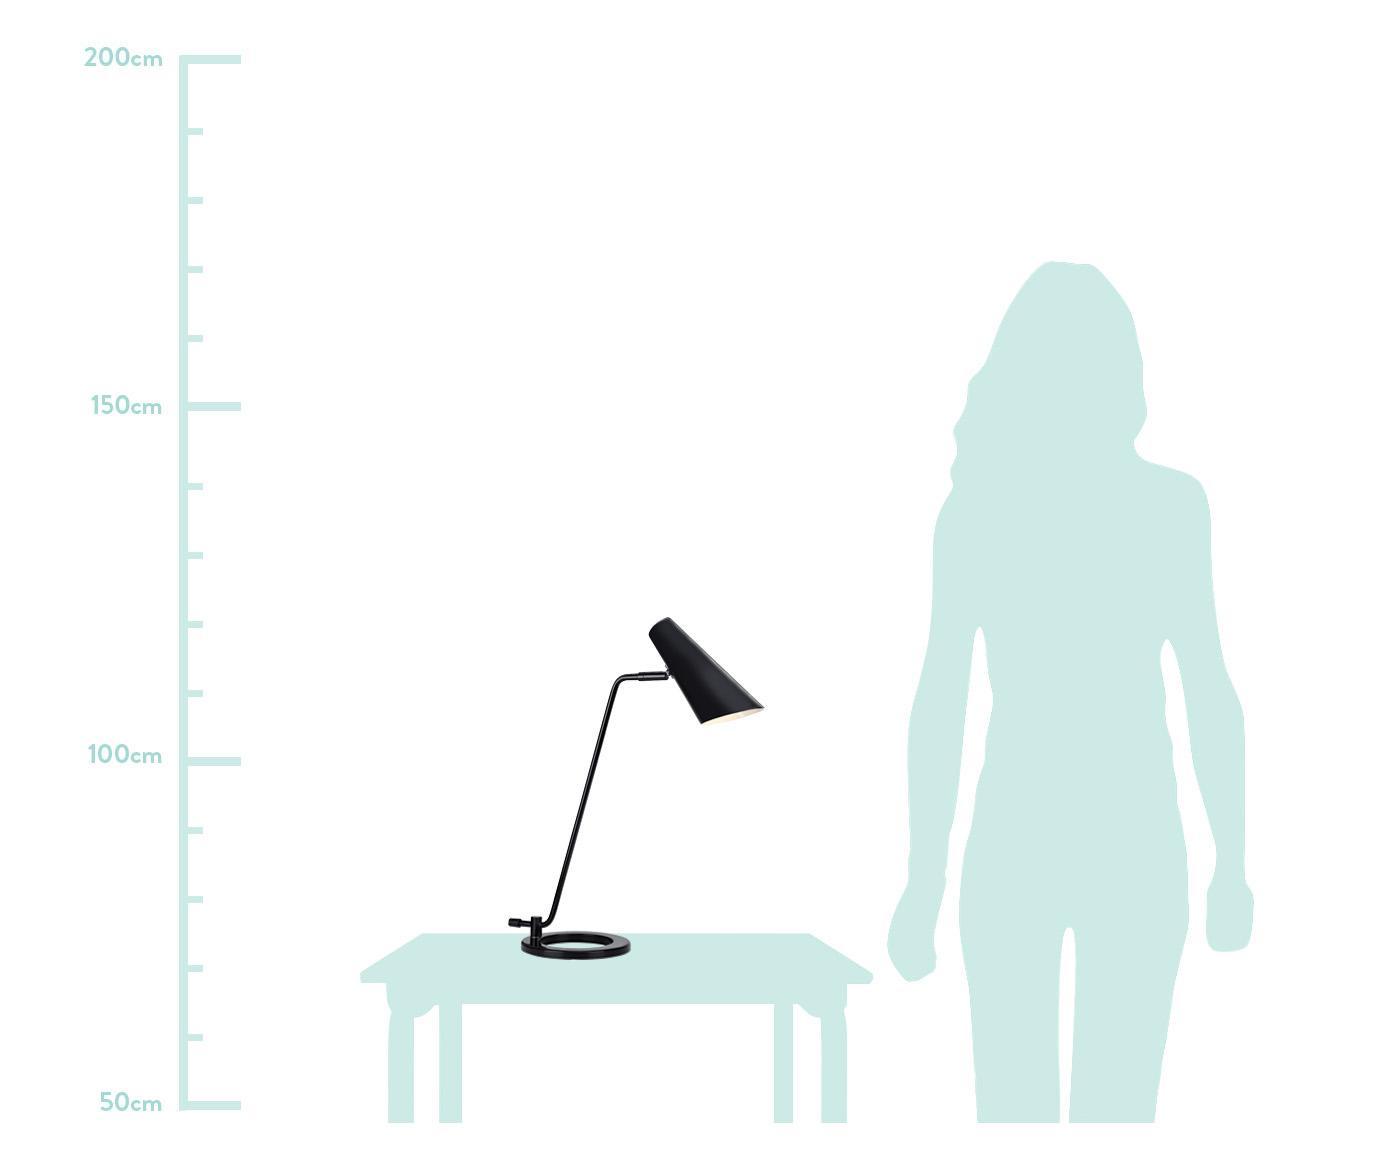 Moderne Schreibtischlampe Cal aus Metall, Lampenschirm: Metall, lackiert, Lampenfuß: Metall, lackiert, Schwarz<br>Lampenschirm innen: Weiß, 40 x 50 cm